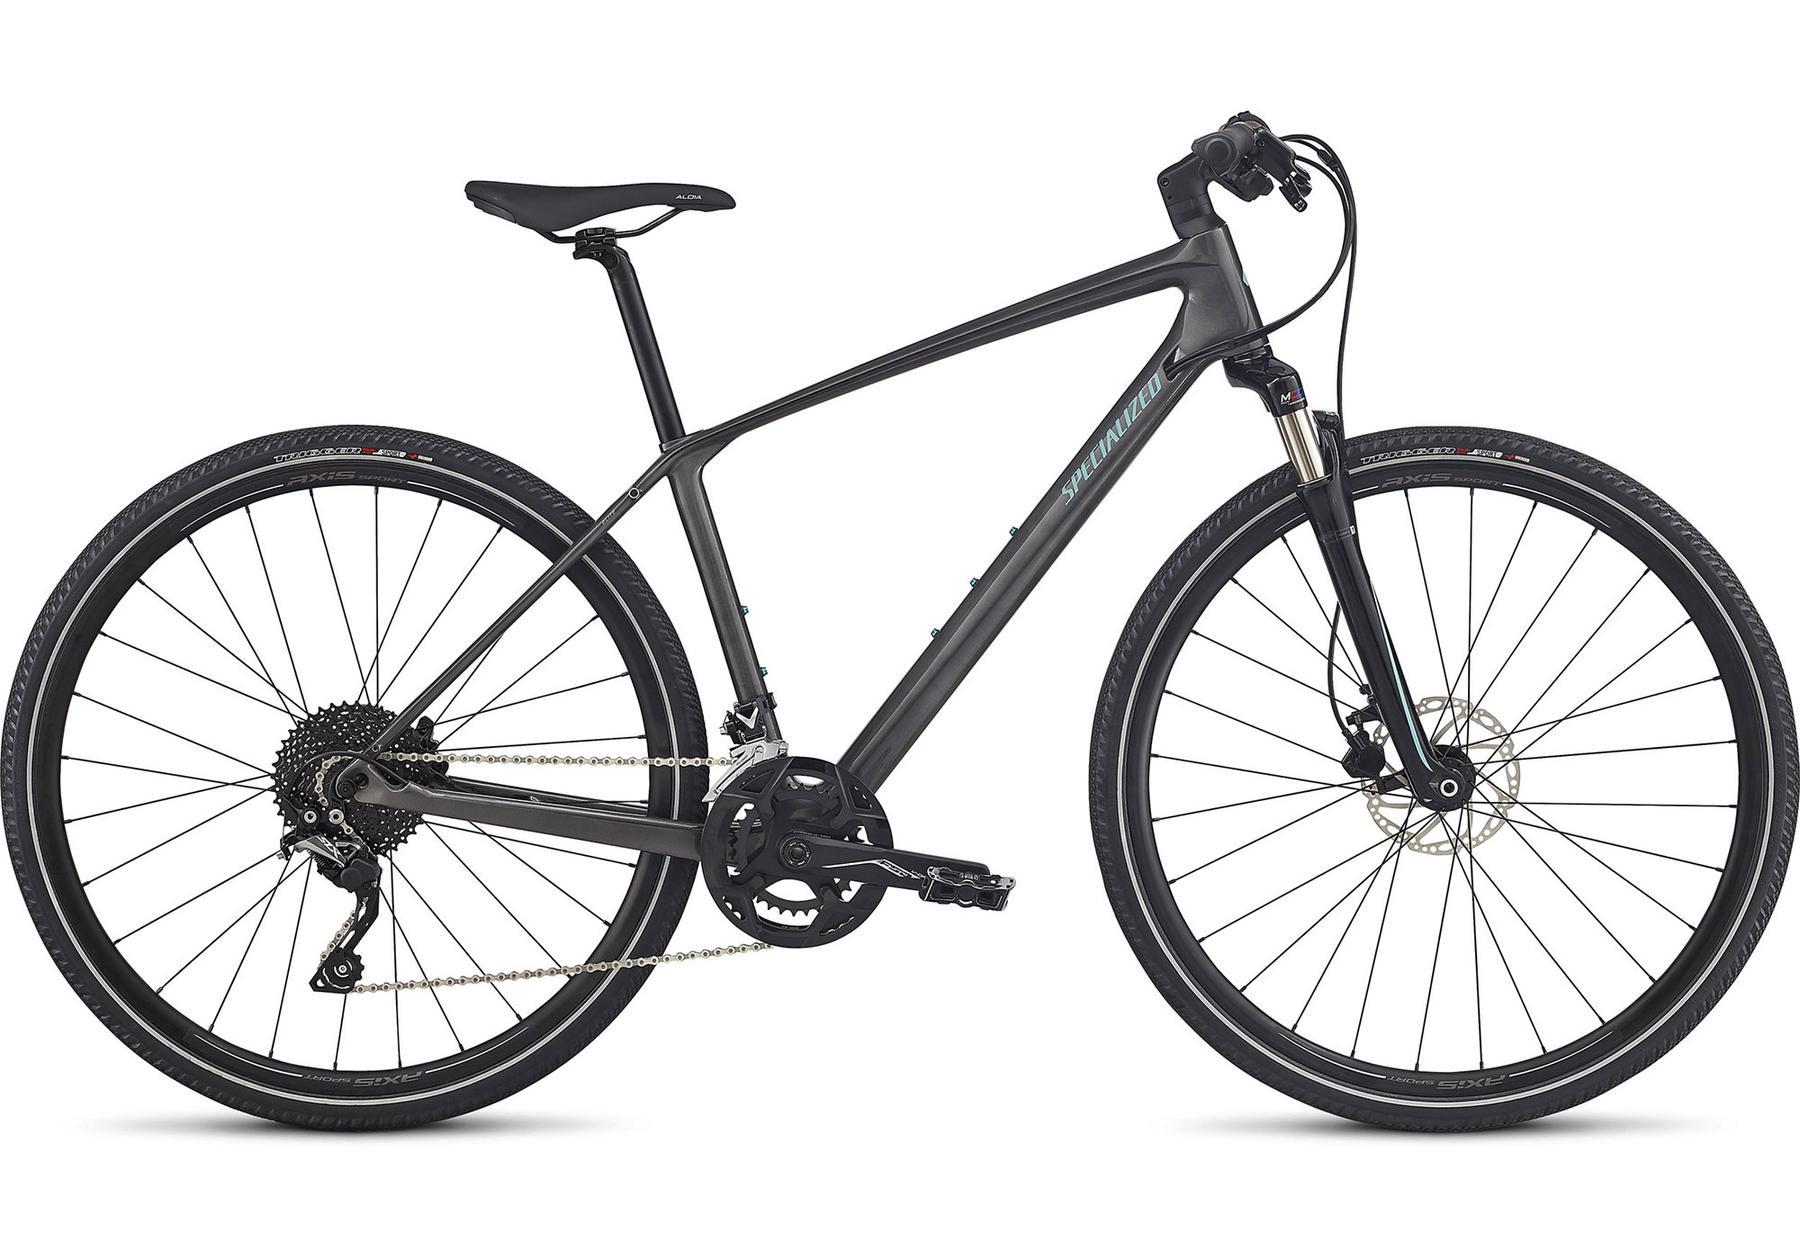 Specialized Ariel Elite Carbon City Bikes / Fitnessräder 2017